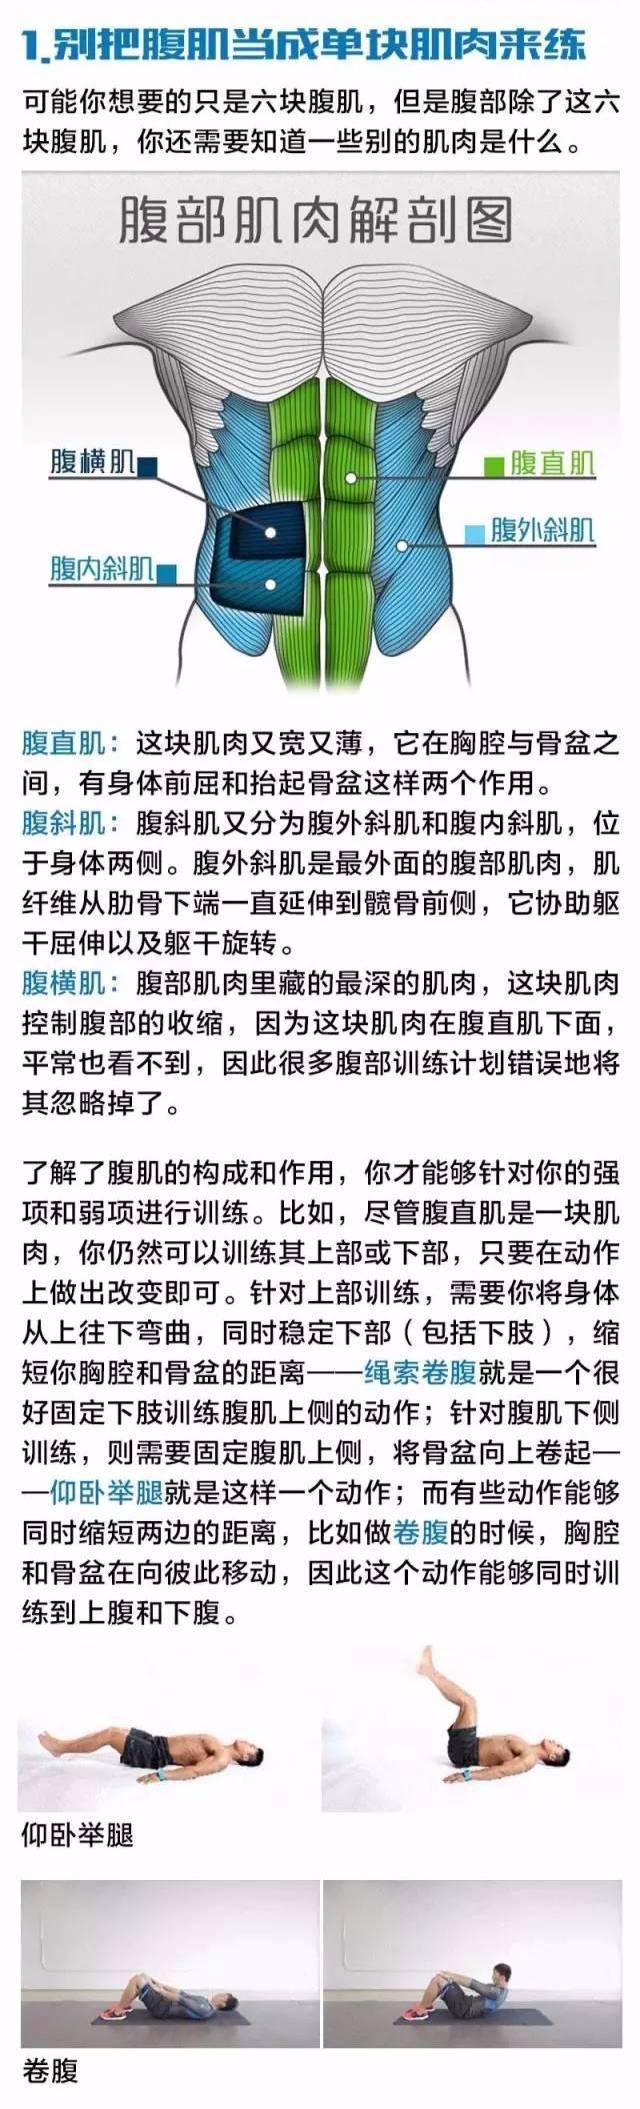 云文影业联合摄制《黑土热血》献礼建军90周年